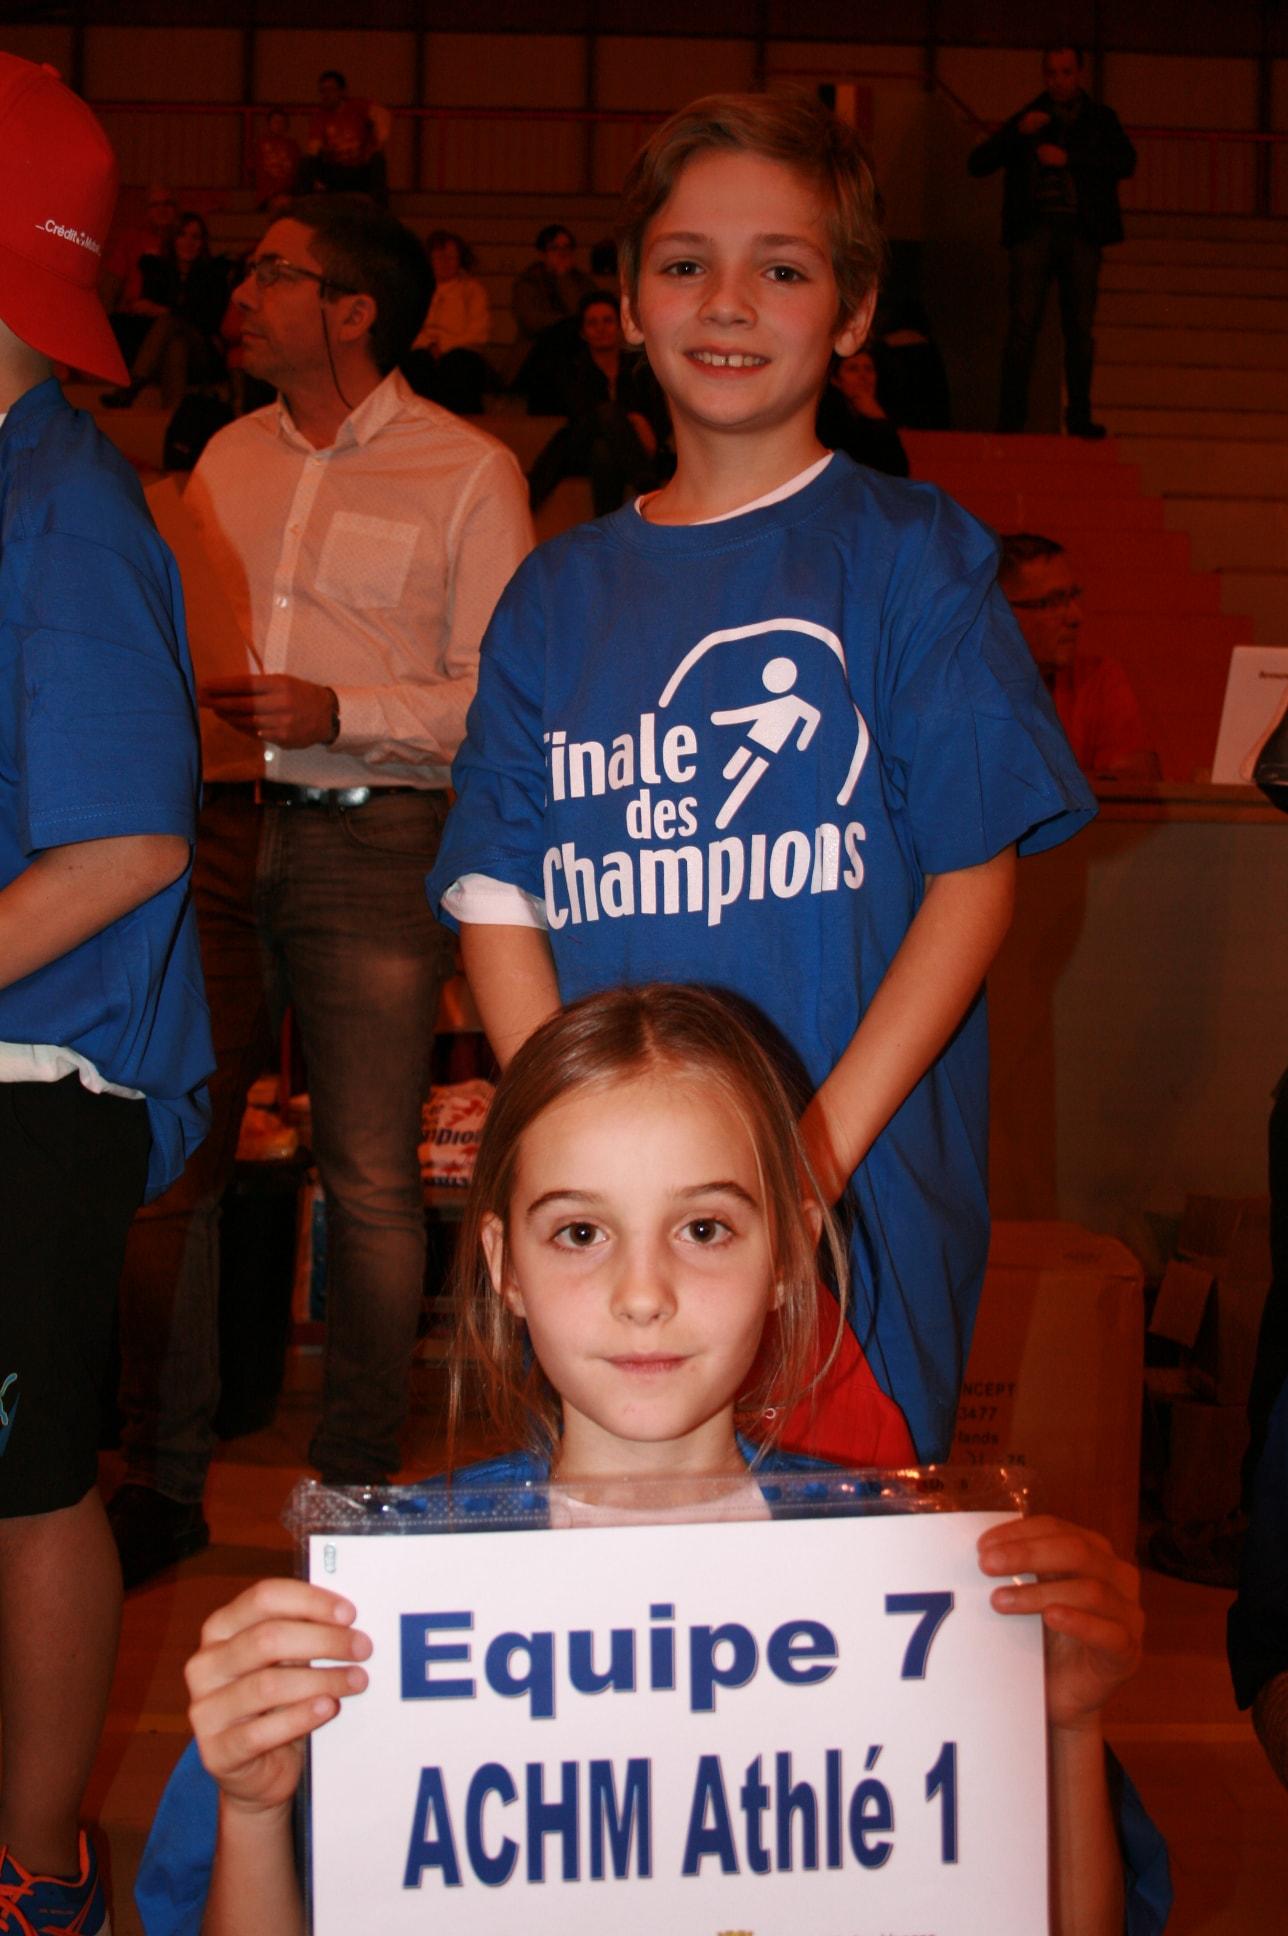 Finalistes ACHM Athlé 1